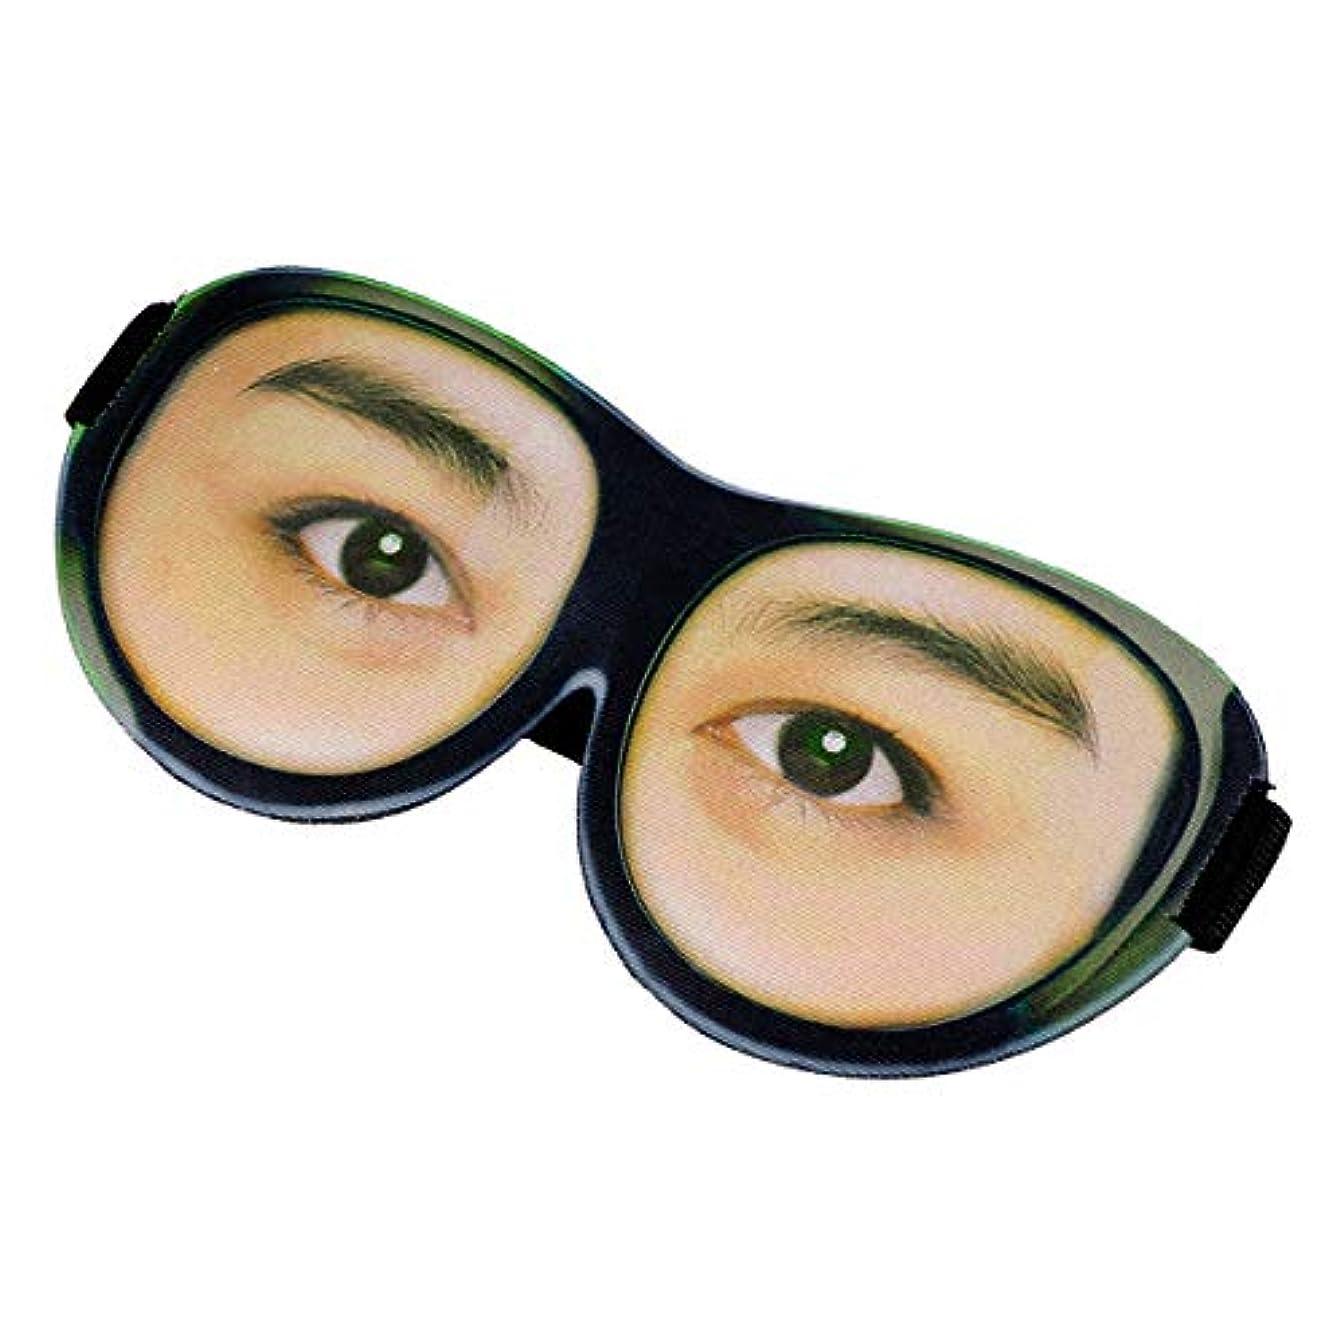 大腿レガシー汚すBeaupretty 睡眠マスクメガネ面白い3D調節可能ストラップ付きアイマスクアイシェード睡眠用アイシェード